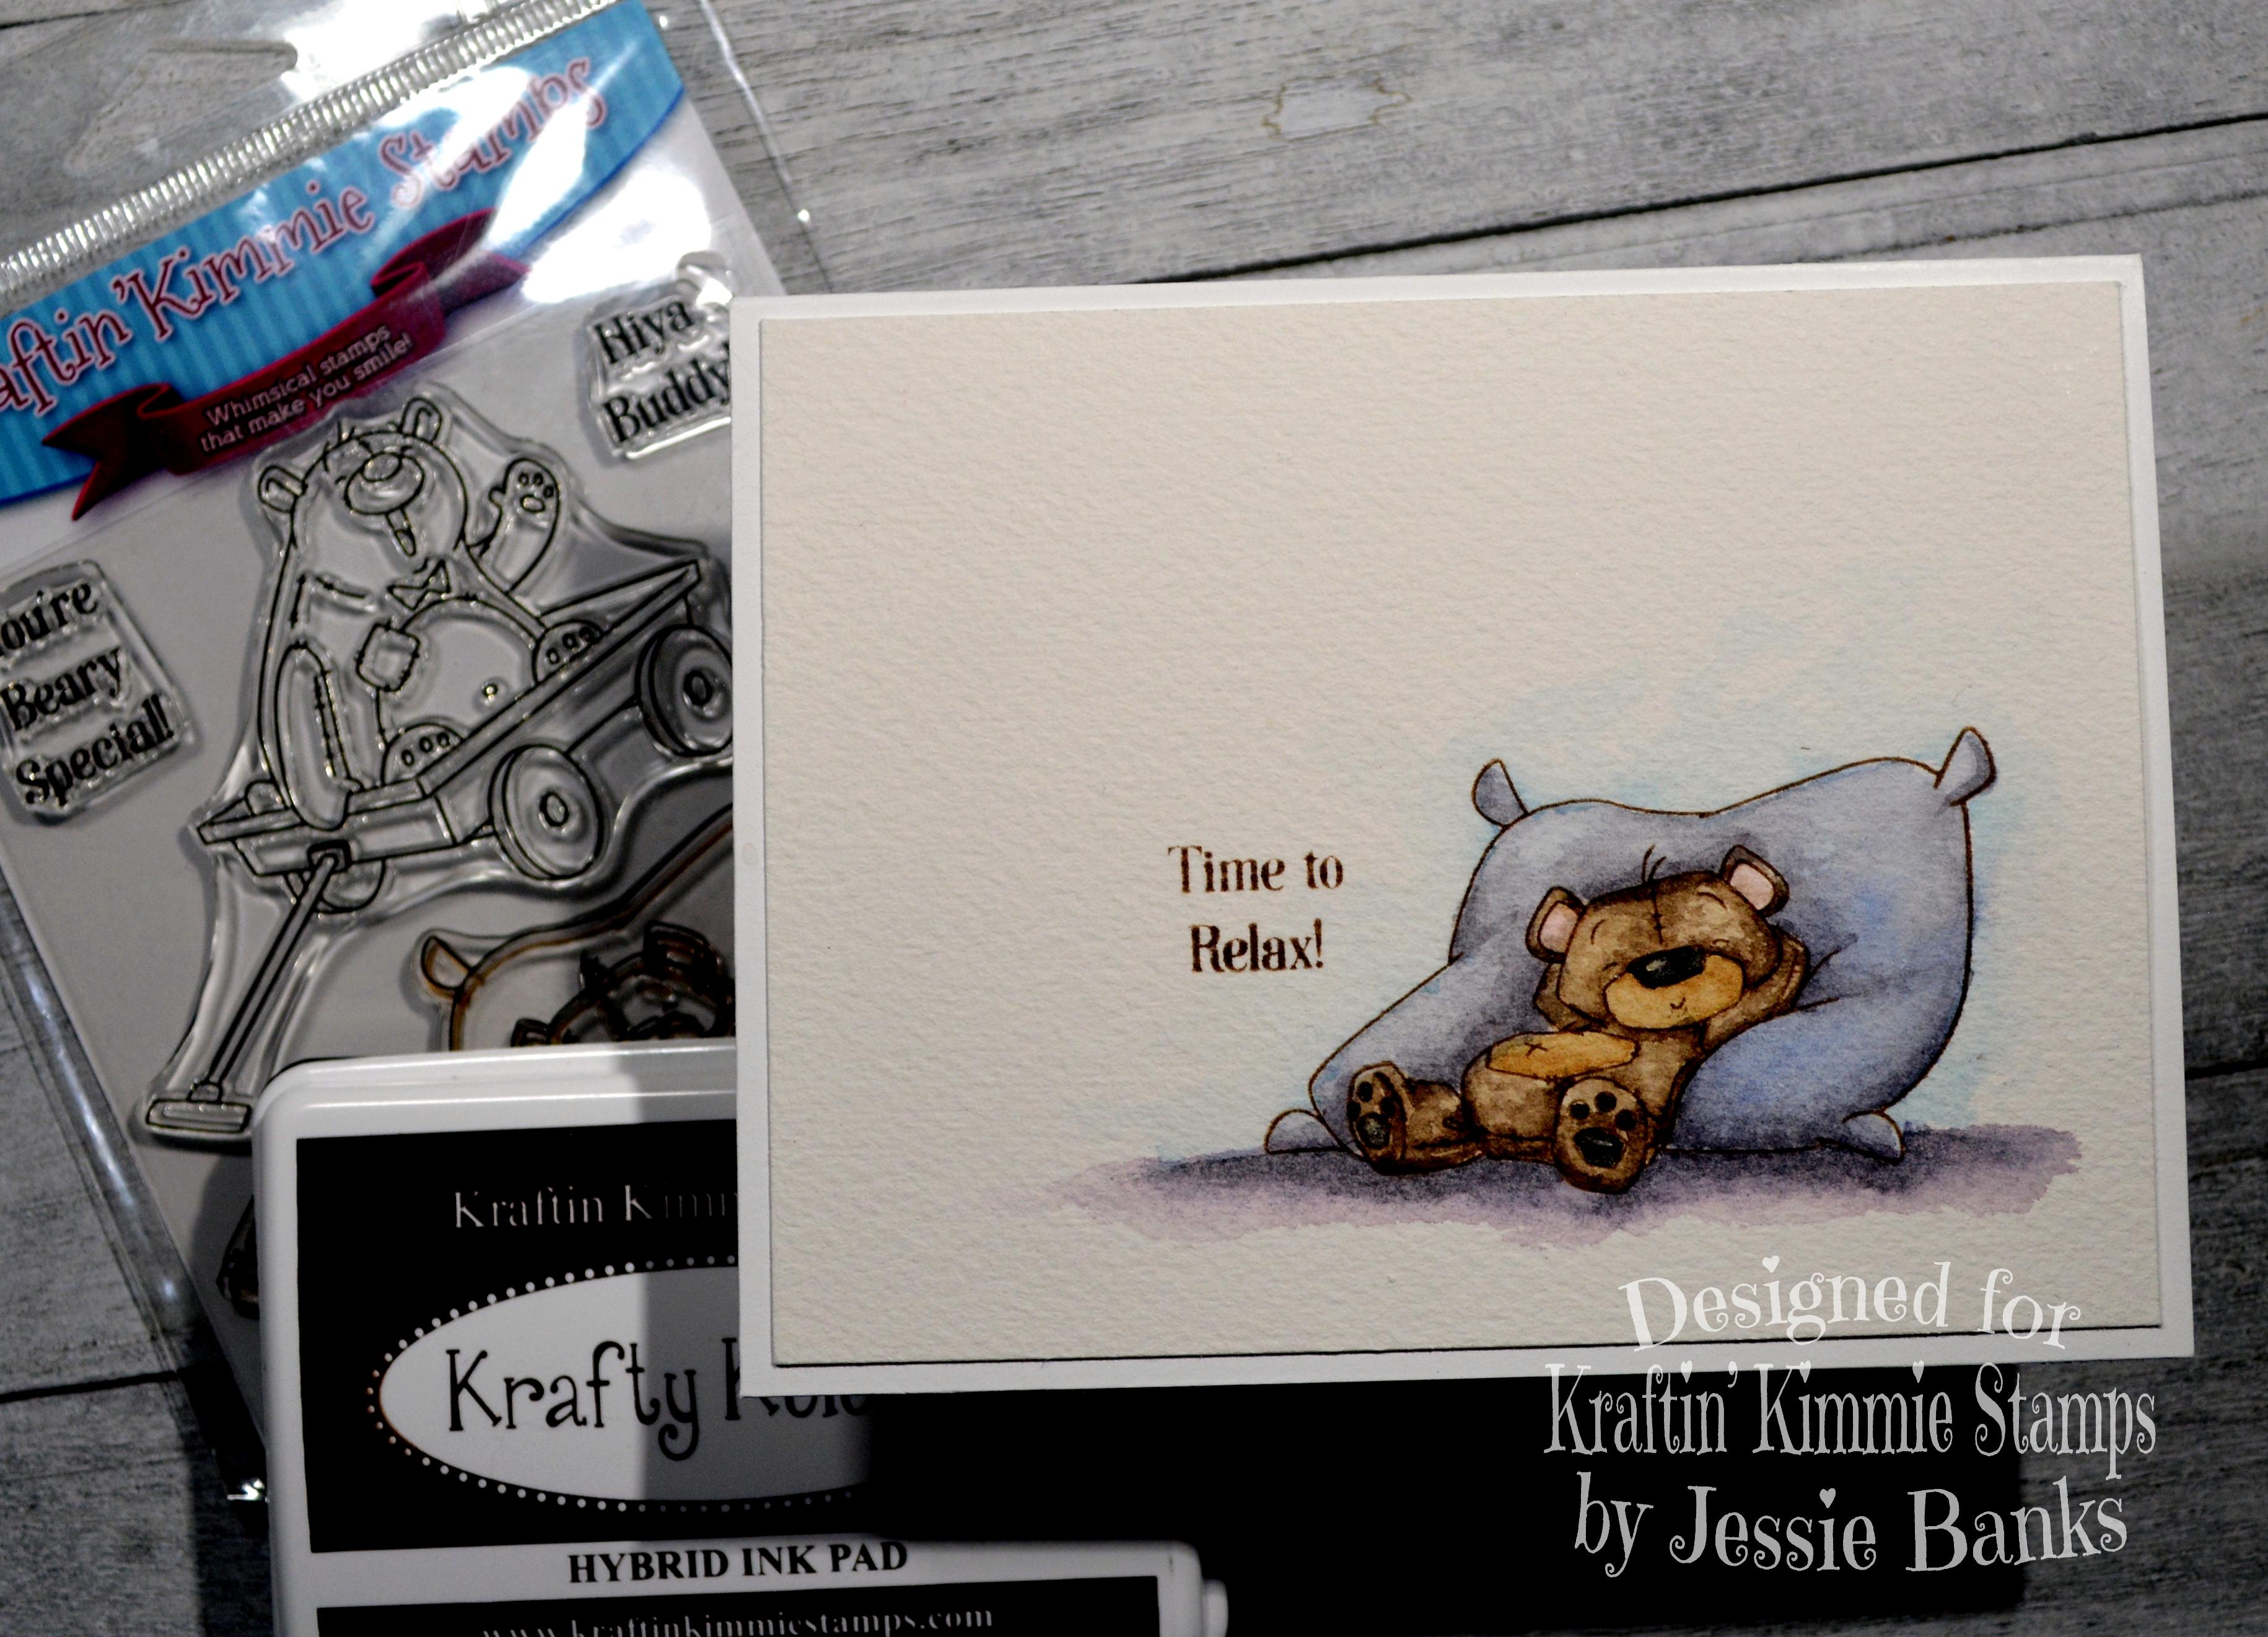 Kraftin Kimmie Stamps - Buddy Bears 1 - Jessie Banks